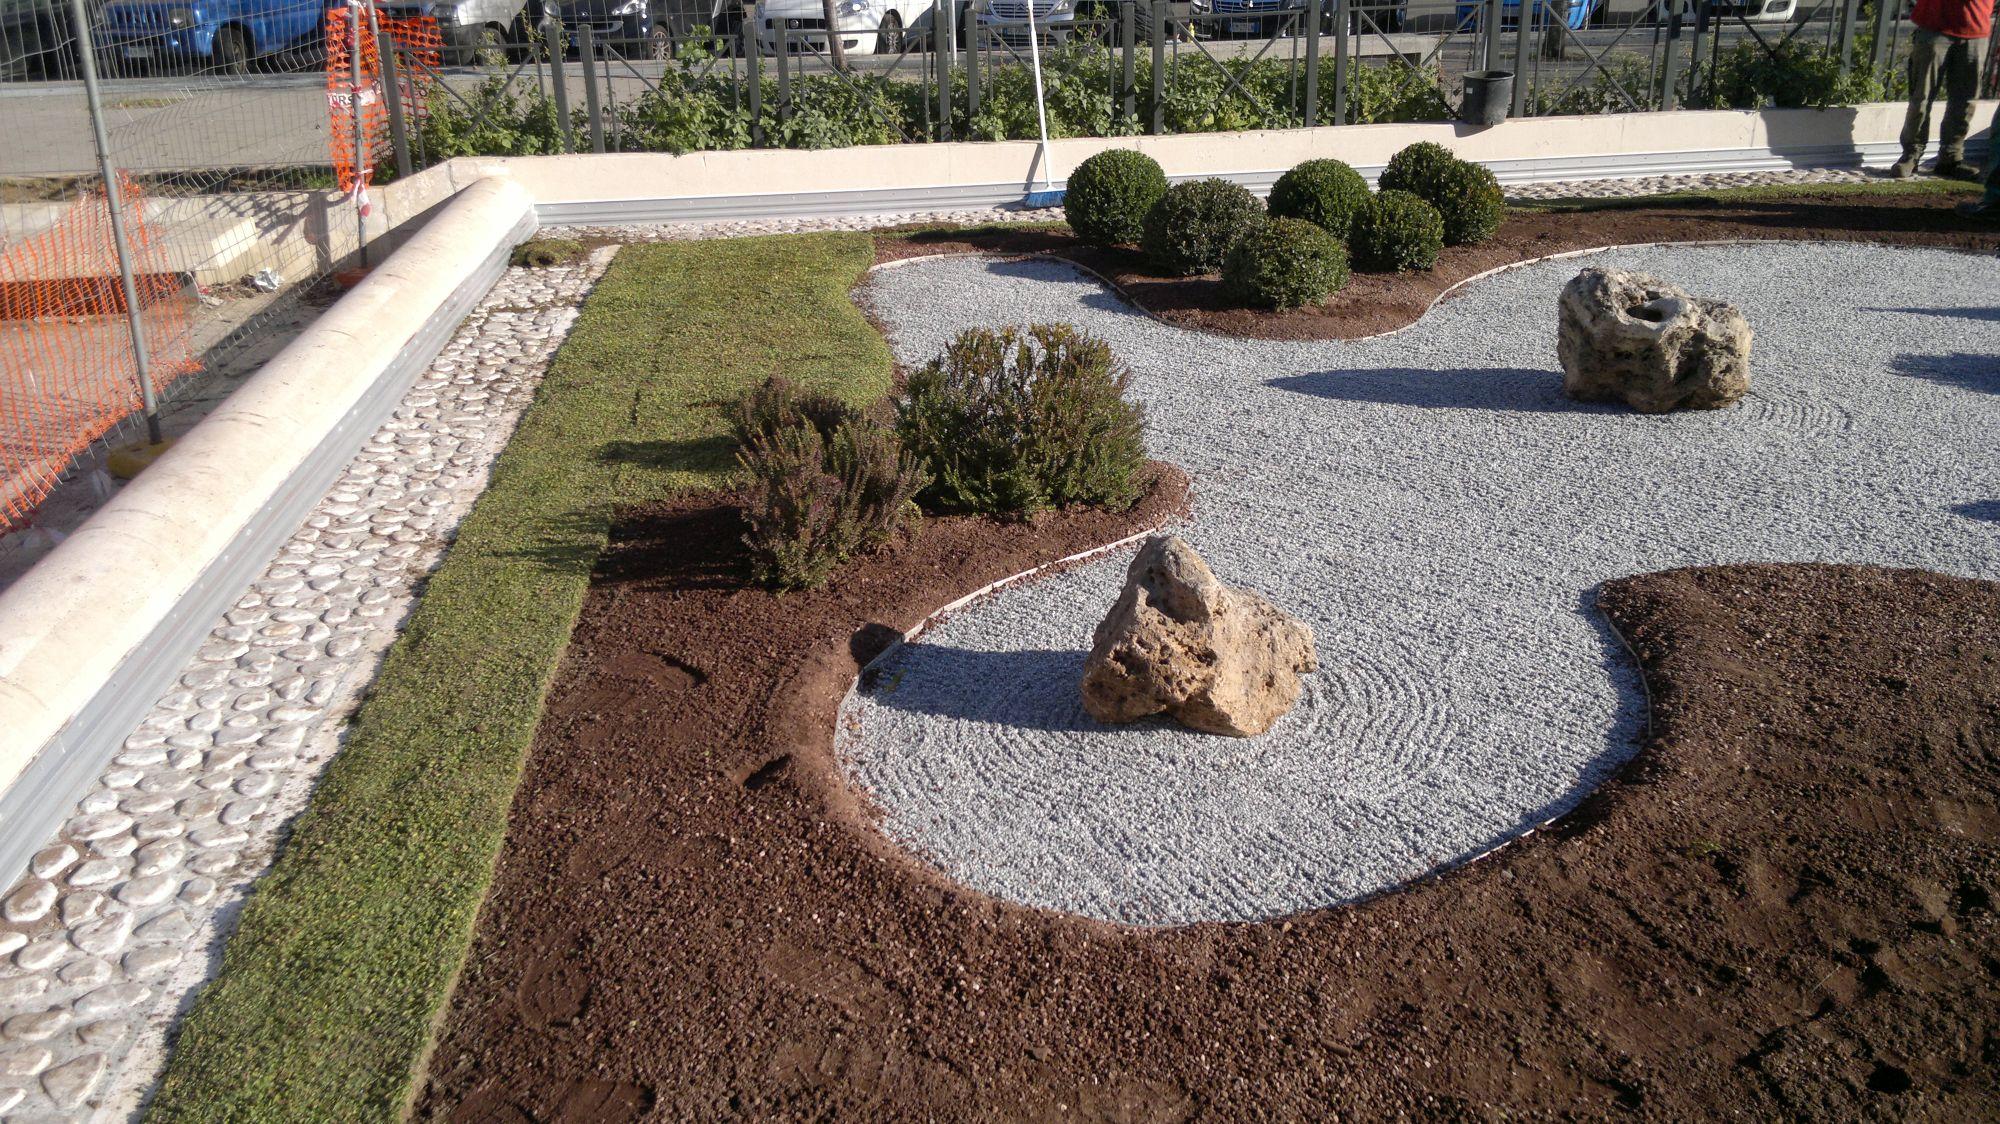 Municipio V Oggi Linaugurazione Del Giardino Zen Di Viale Agosta